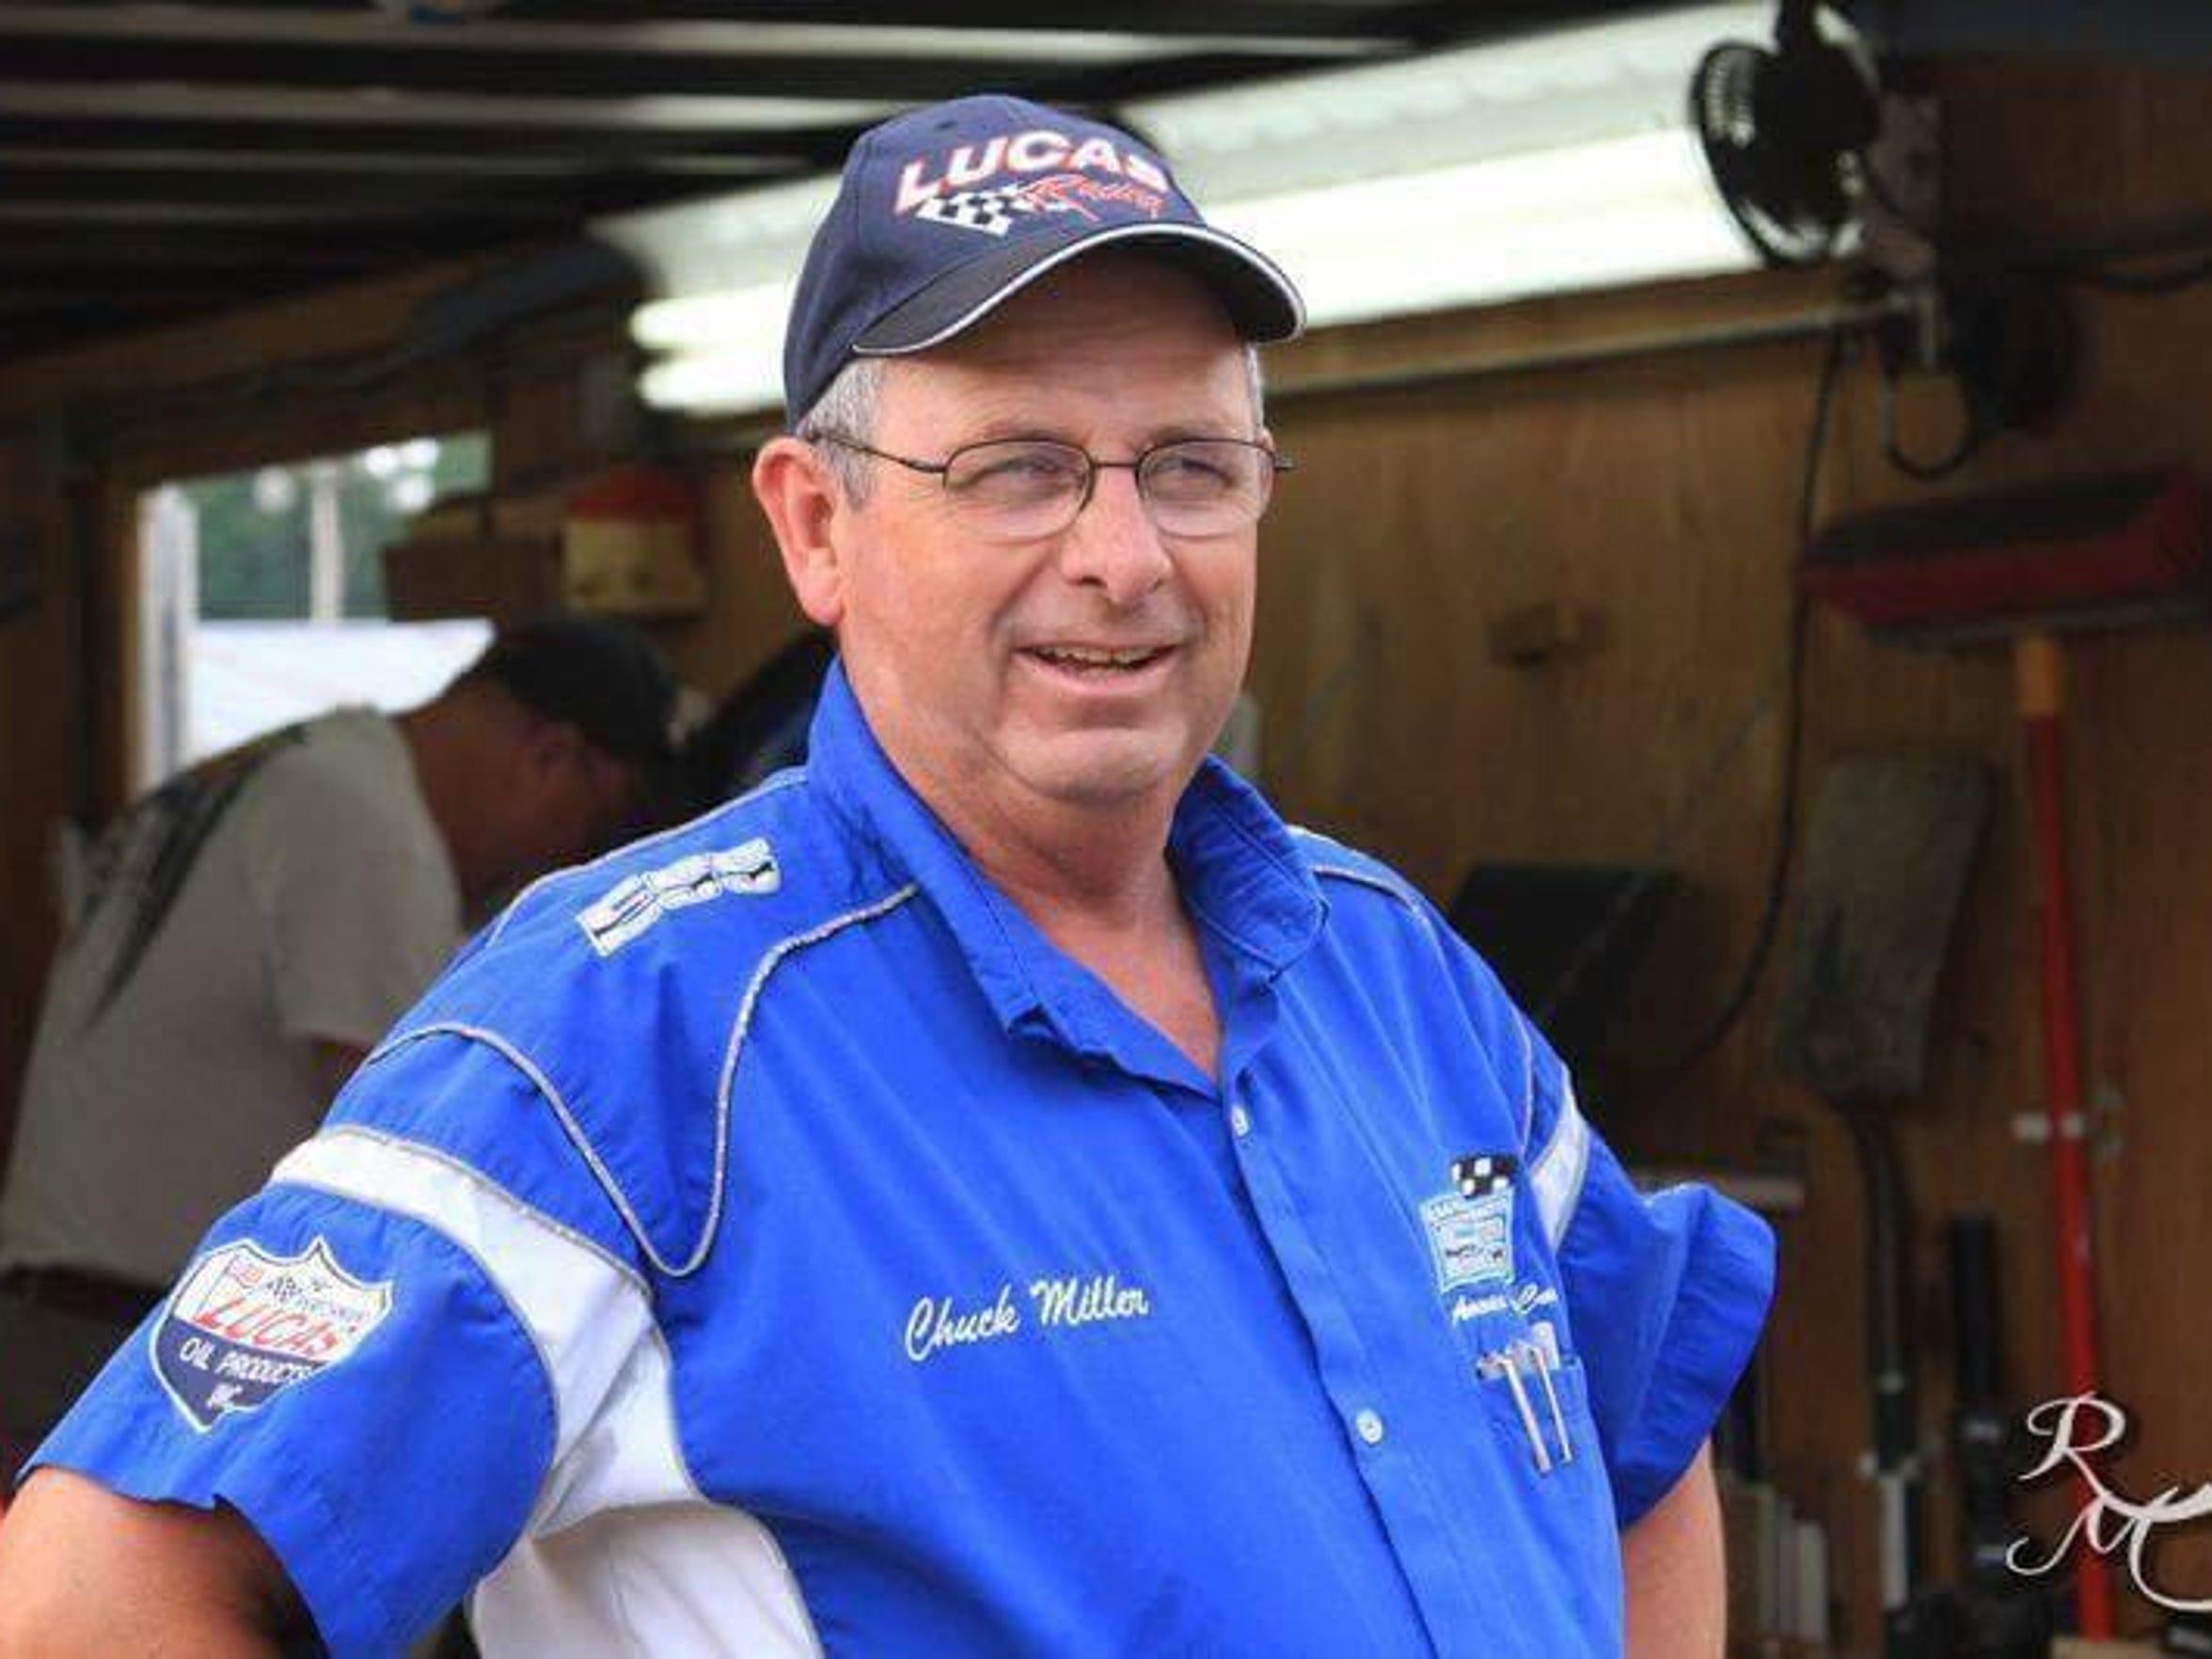 Oswego's Chuck Miller, 57, president of Empire Super